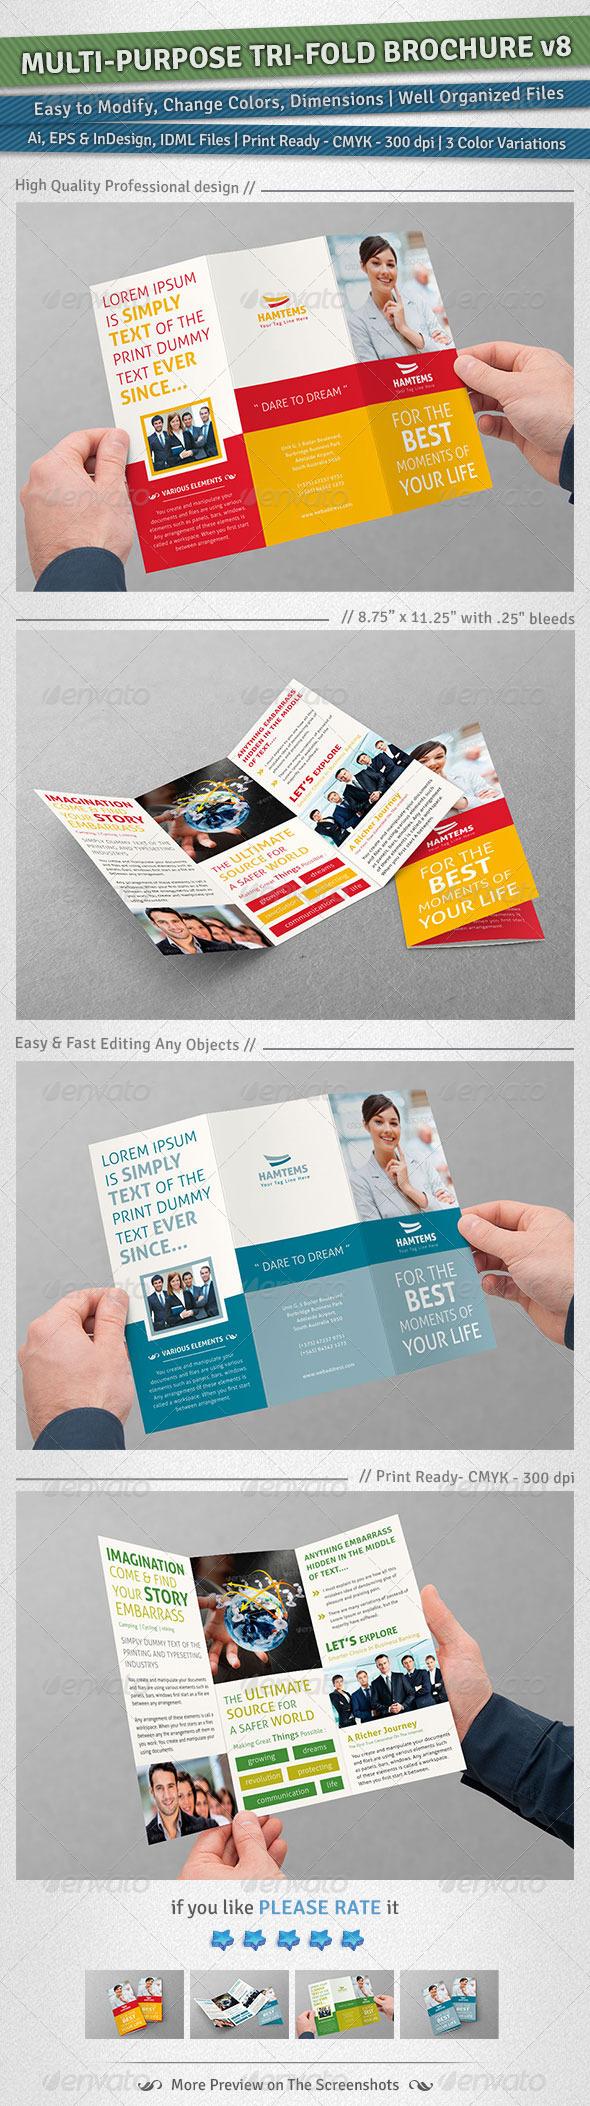 GraphicRiver Multi-purpose Tri-Fold Brochure Volume 8 5108480